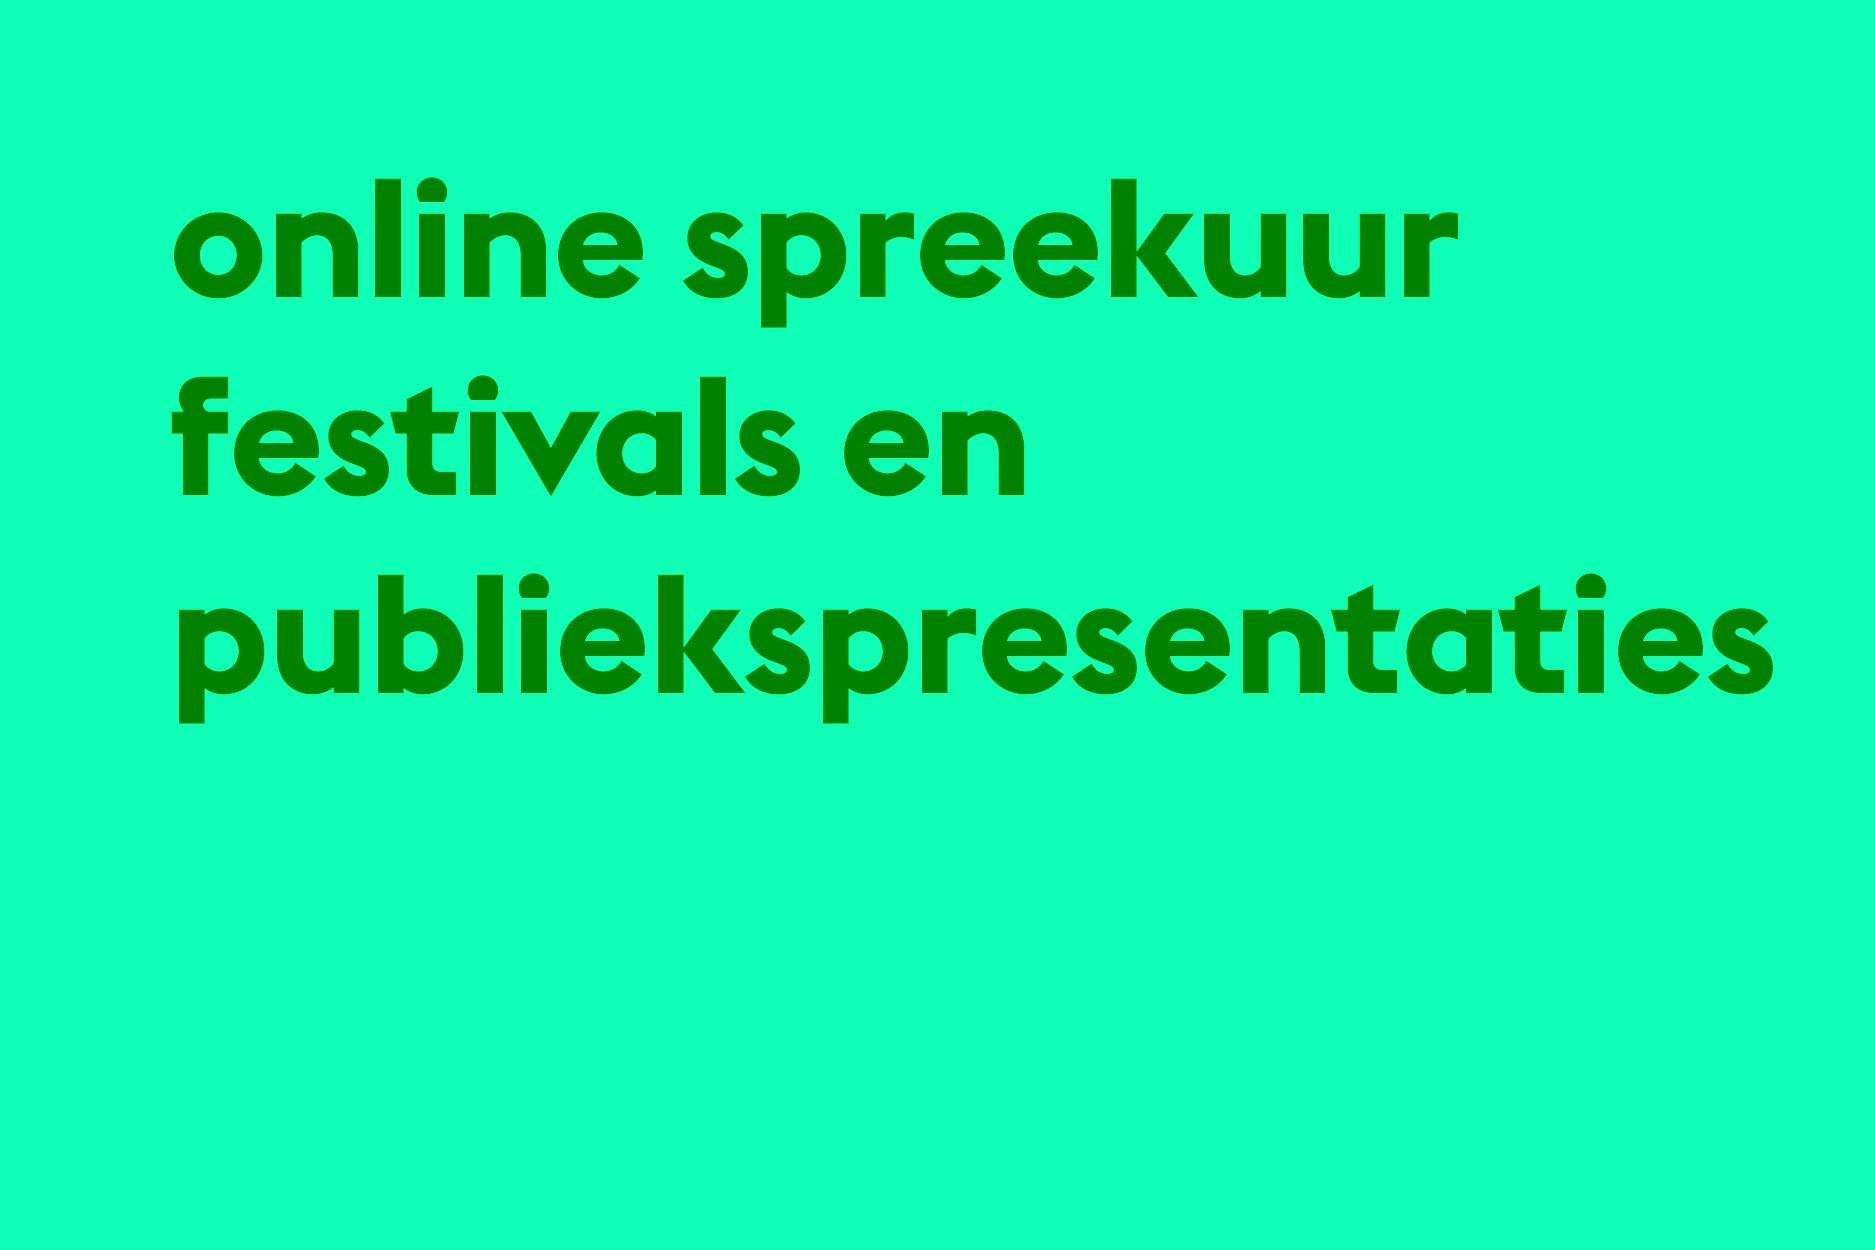 onlinespreekuurfestivals.png